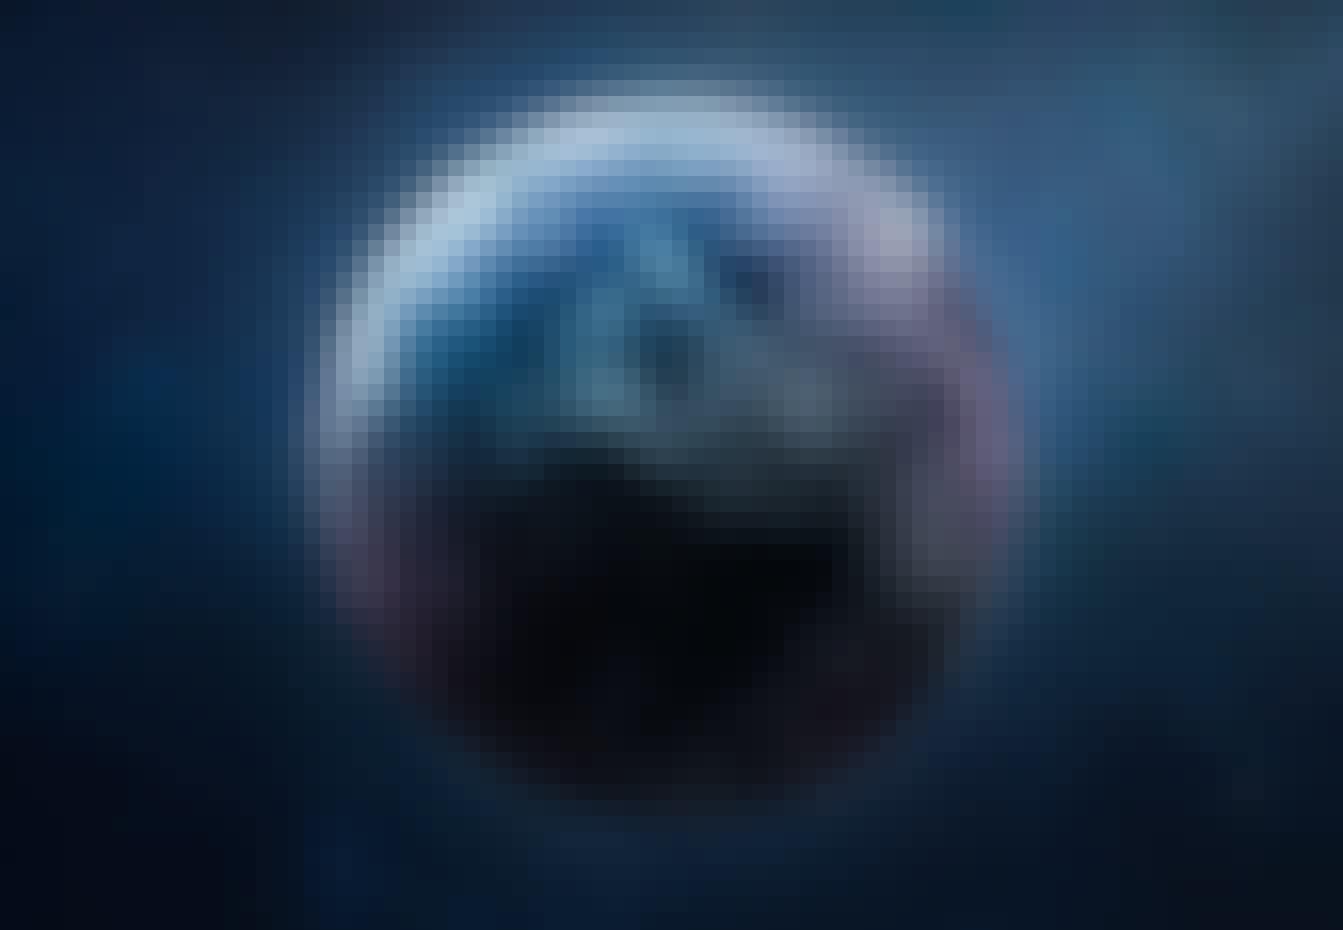 Fremmede exoplanet